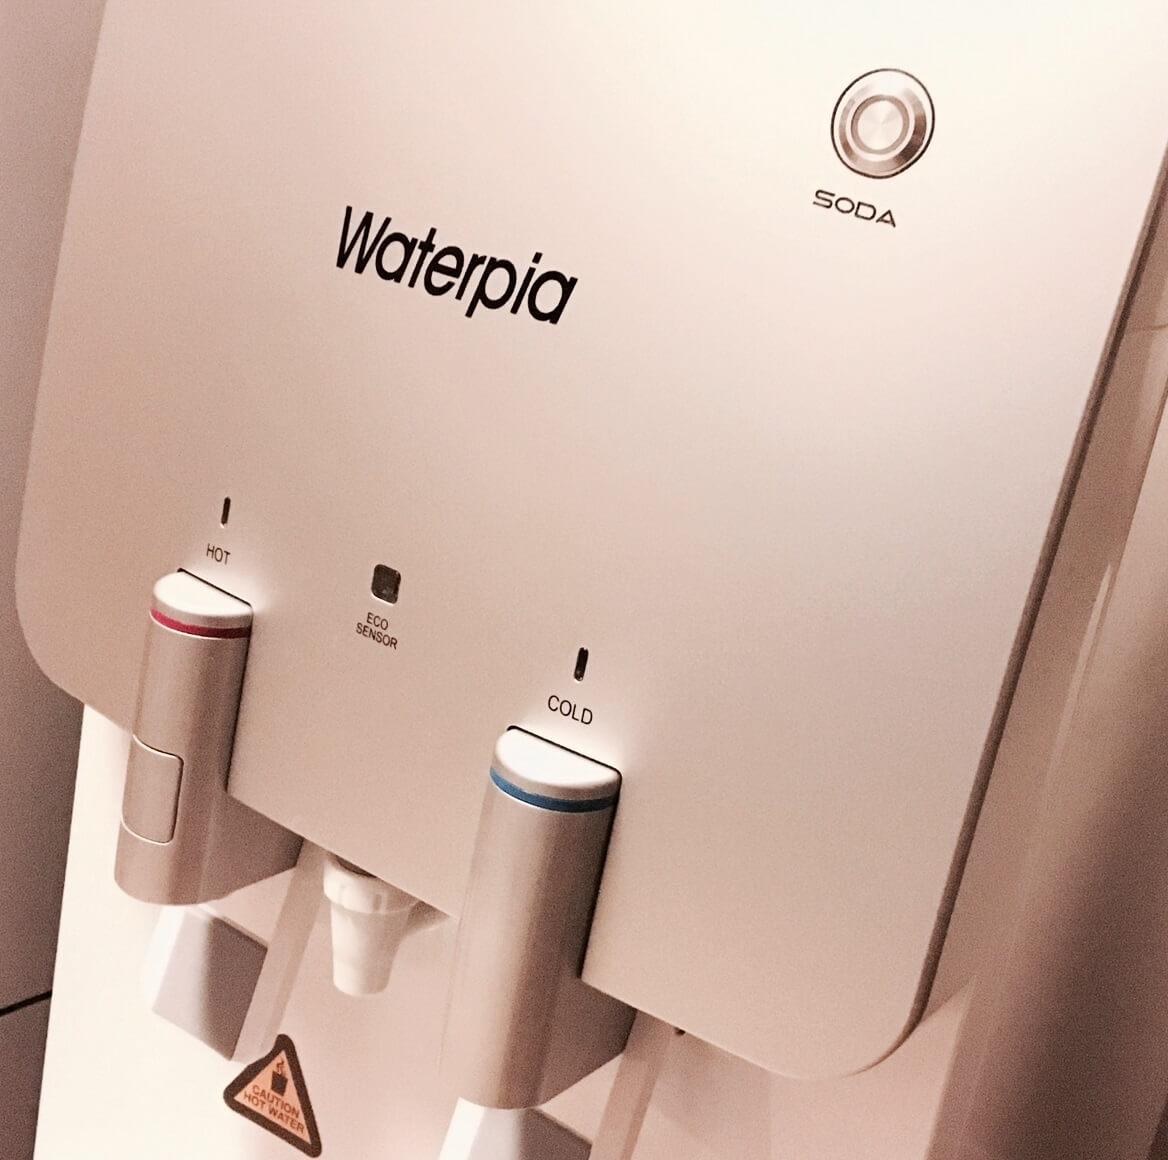 Dystrybutor do wody bezbutlowy, filtrujący Waterpia, warszawa, dystrybutor bezbutlowy